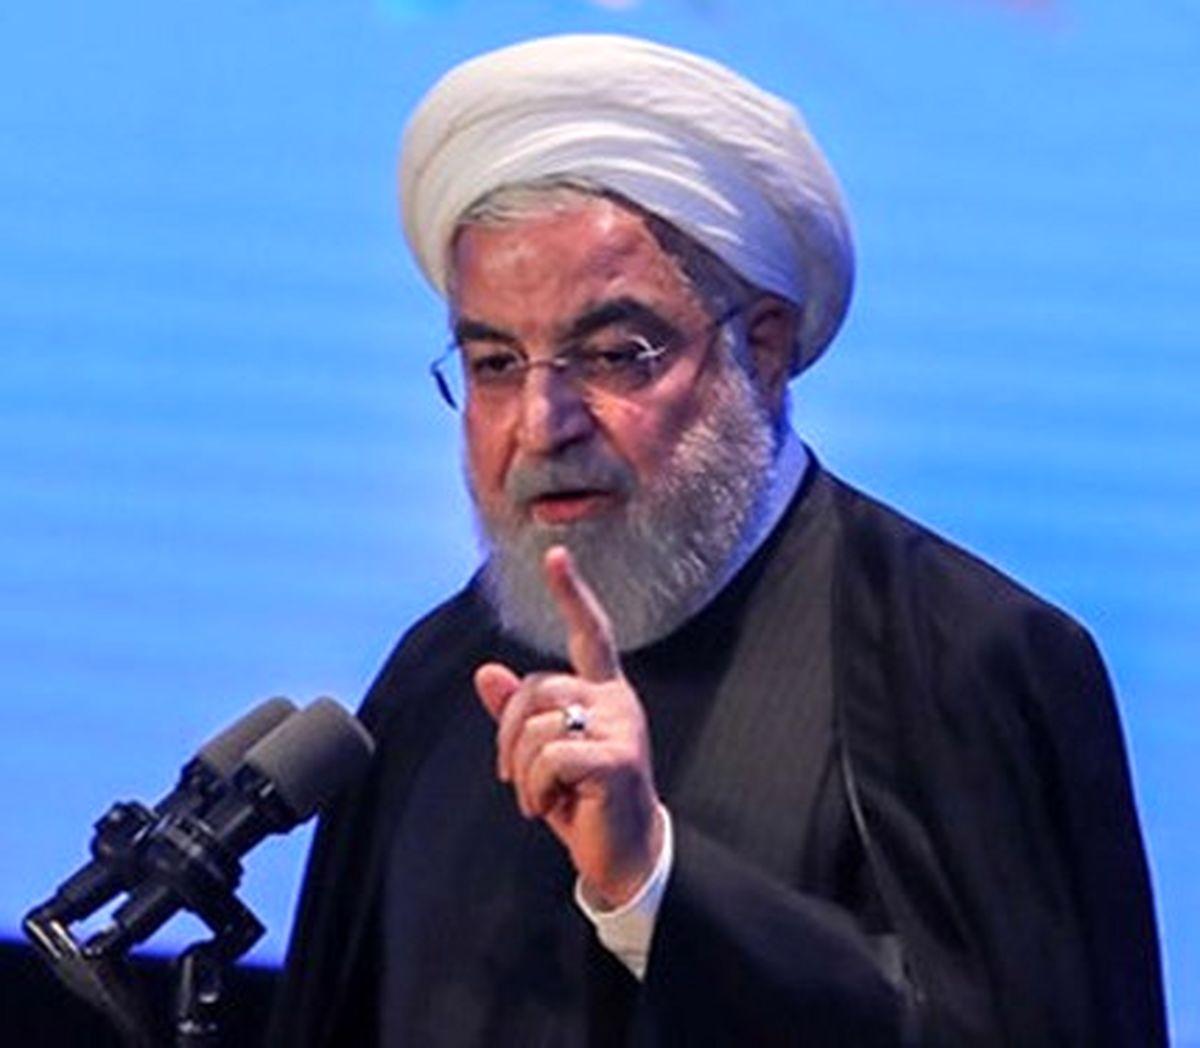 اصفهان (ذوب آهن)ریل ما را تامین می کند